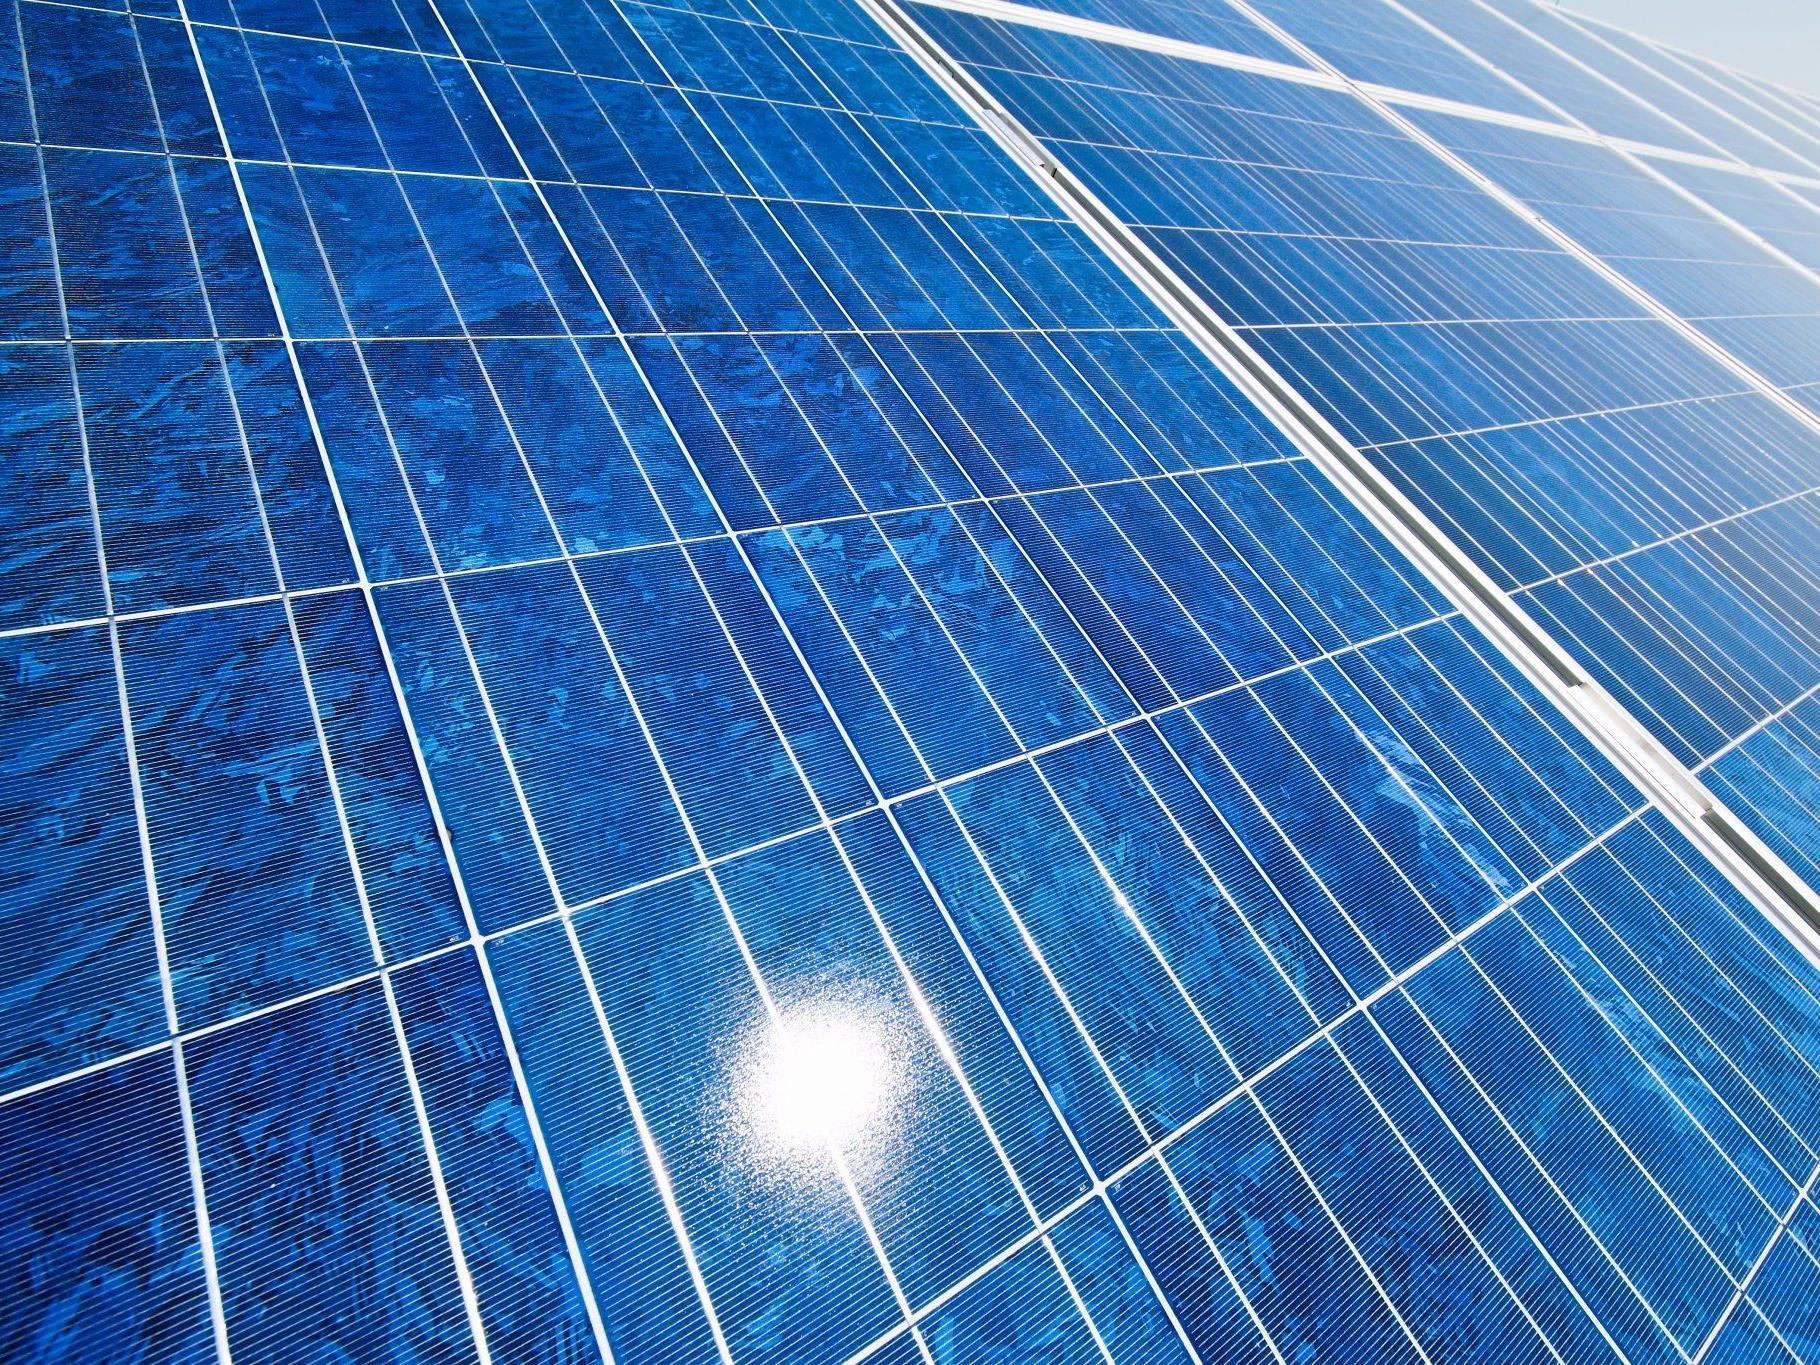 Weitere Bürgerbeteiligungs-Solaranlagen sollen in den Gemeinden Egg, Lochau, Hohenweiler, Nüziders, Schoppernau und Frastanz entstehen.